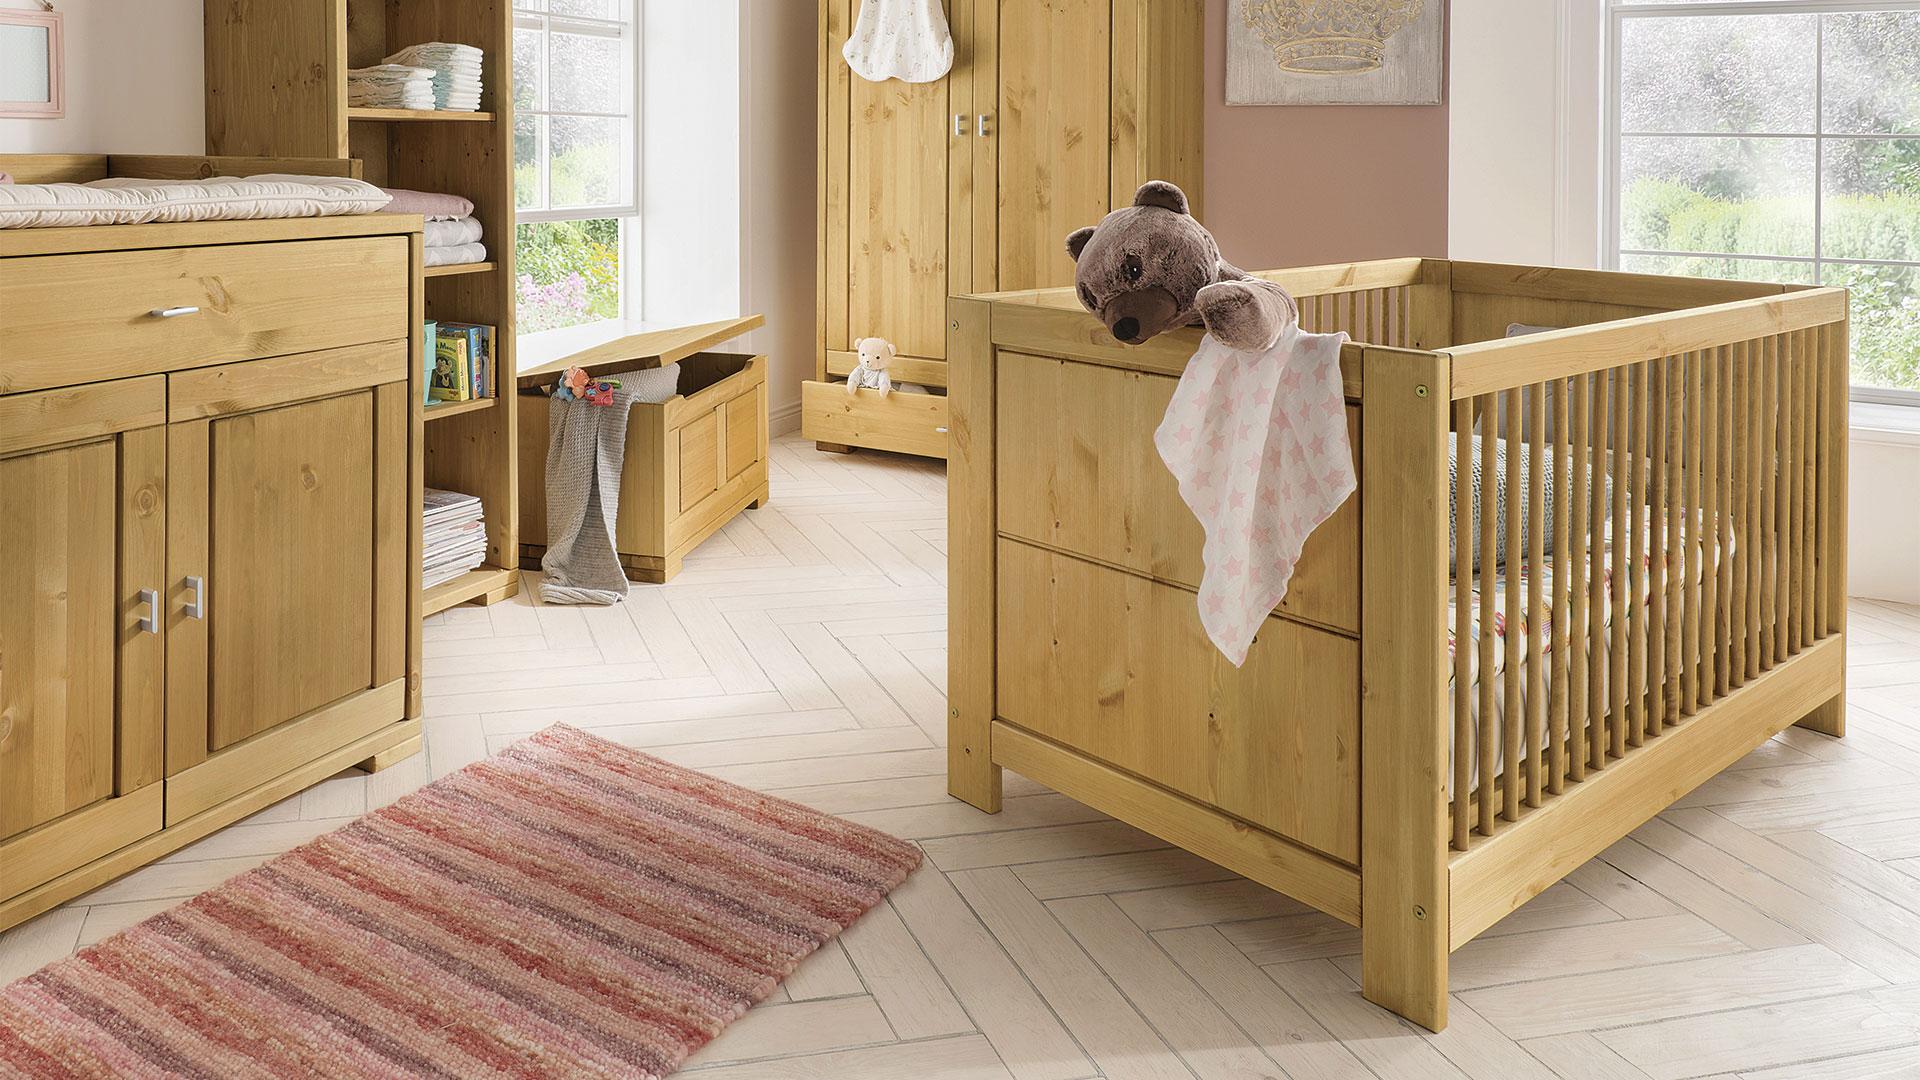 Kinderbett piccolino for Piccolino hotel decor